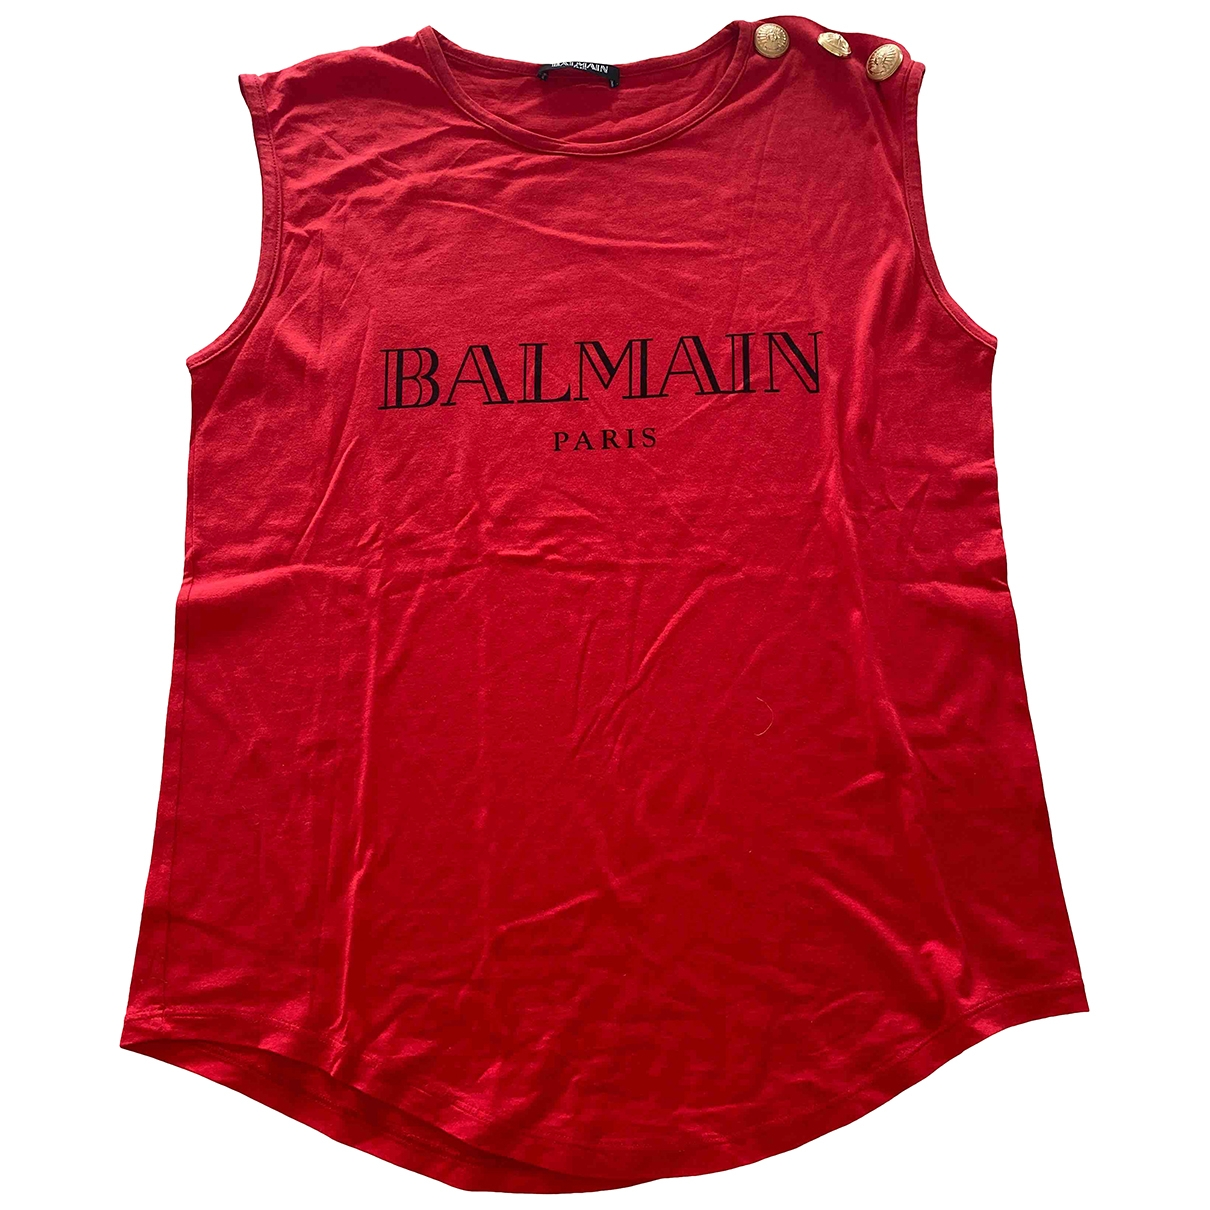 Camiseta sin mangas Balmain